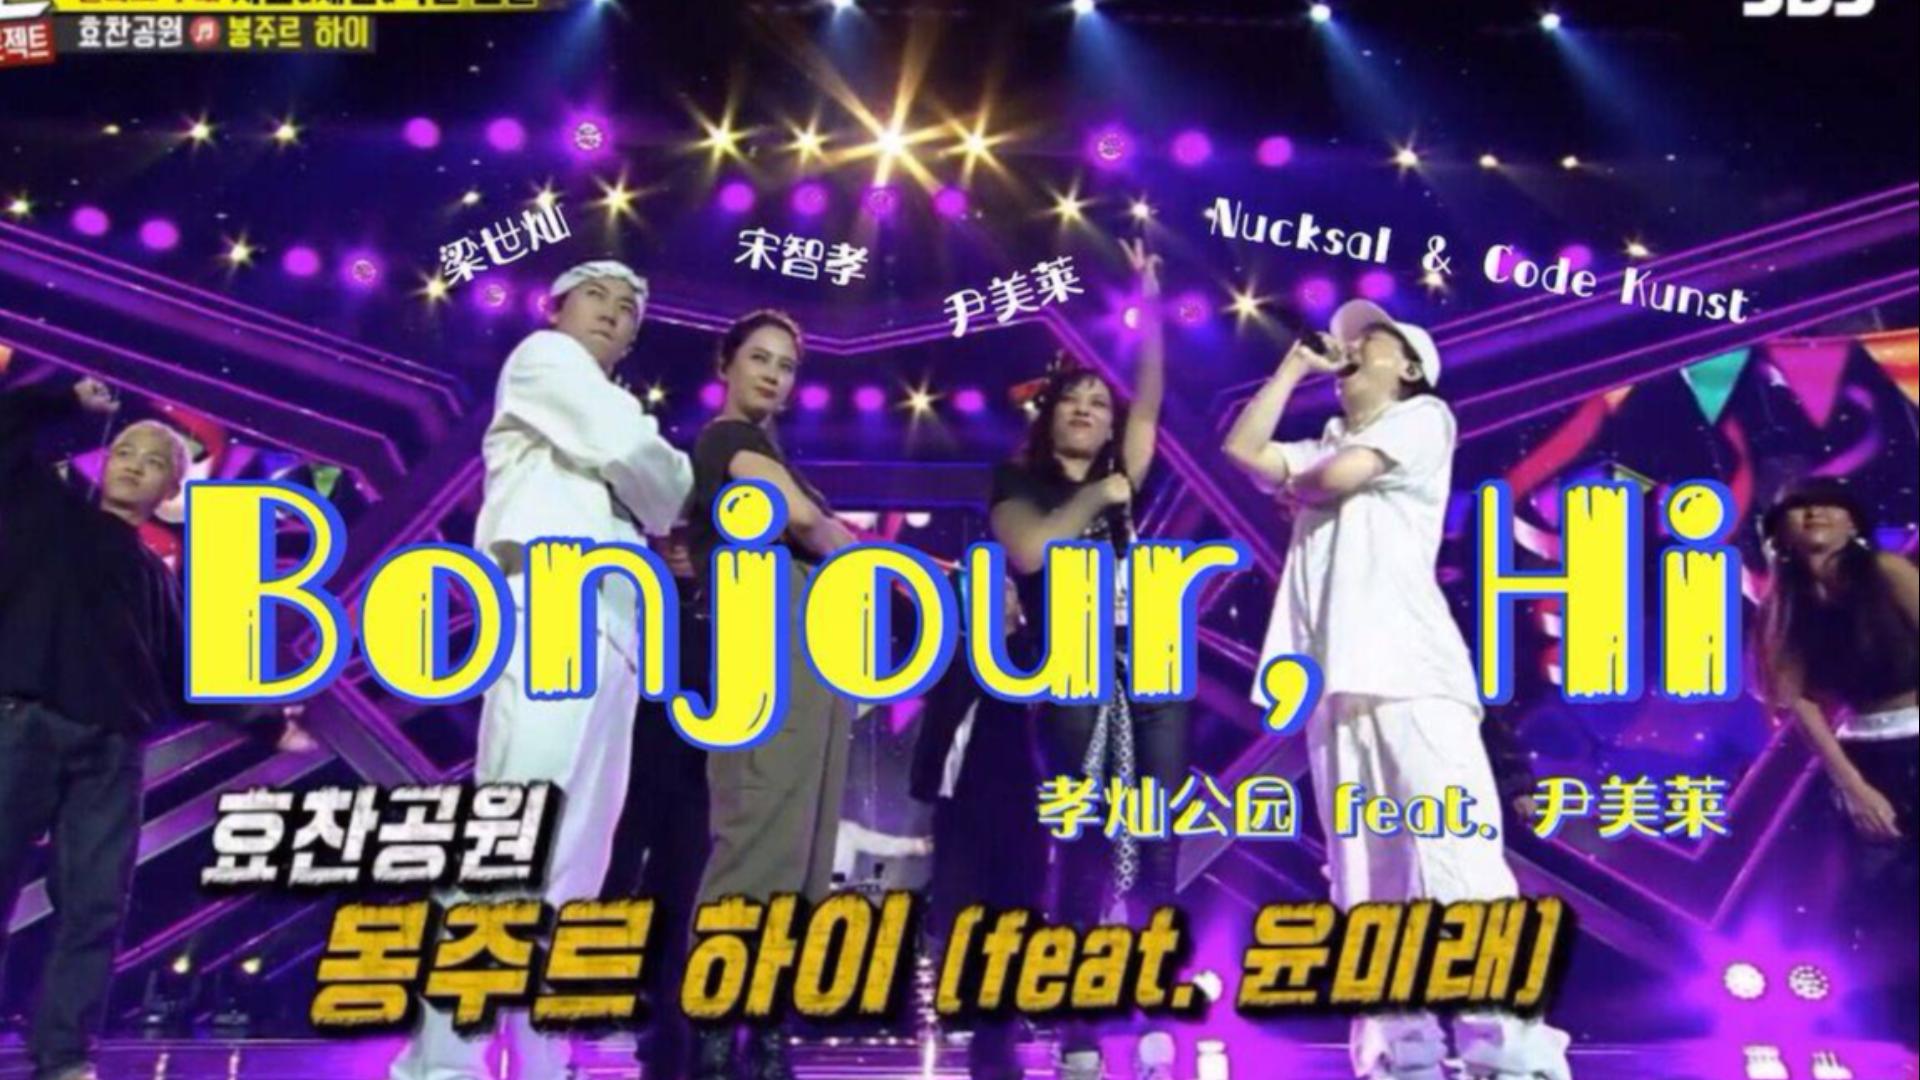 宋智孝,梁世灿,Nucksal  Bonjour Hi  Feat.尹美莱live中字